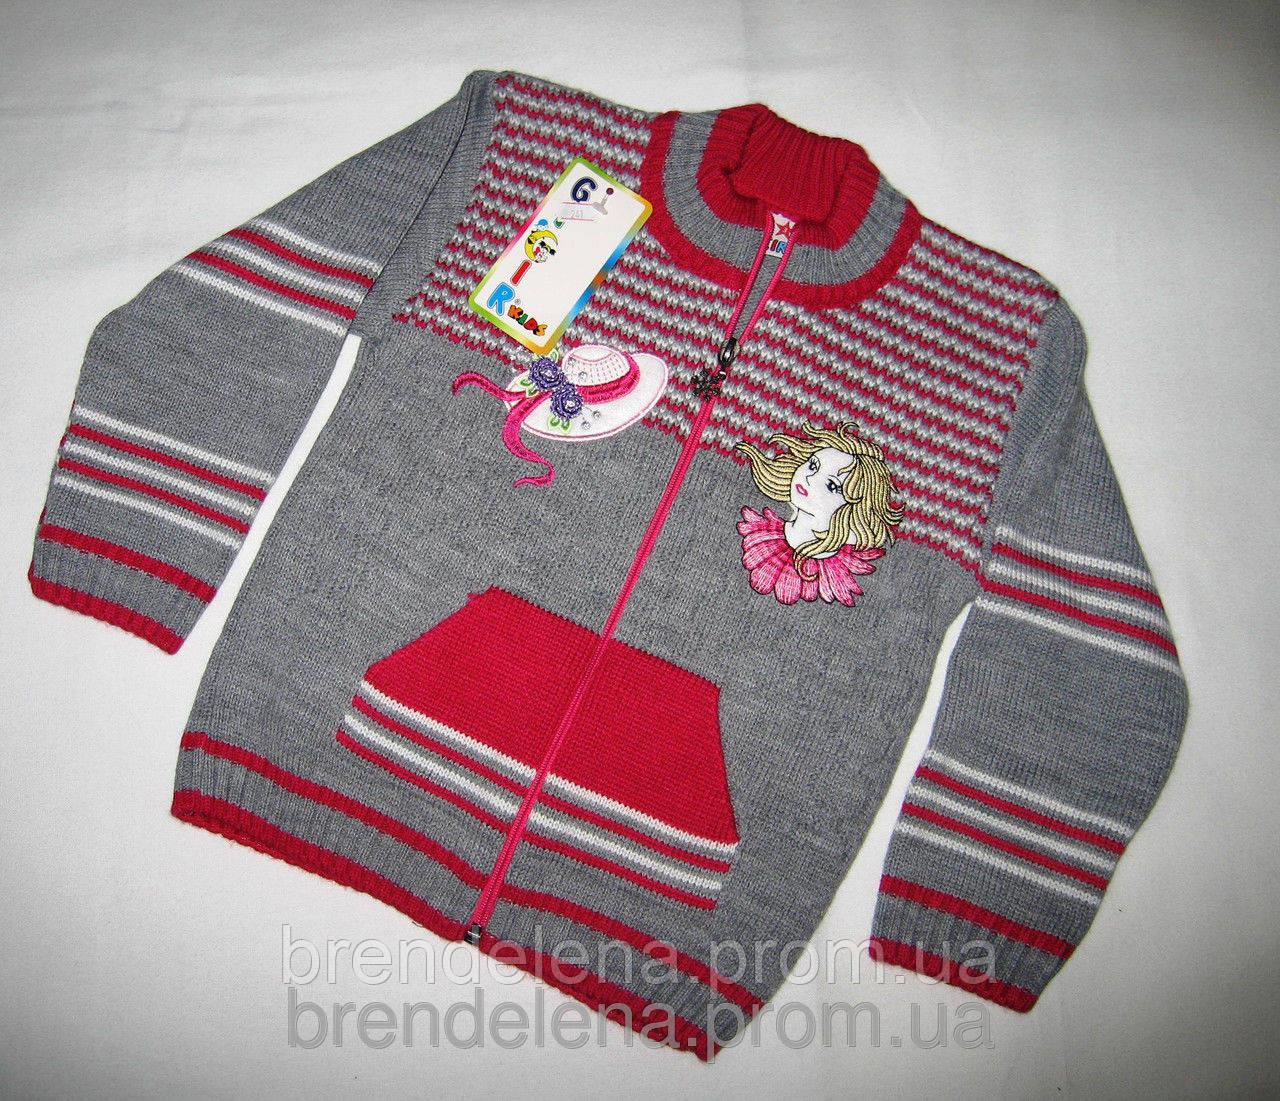 Вязанные кофты для девочек доставка